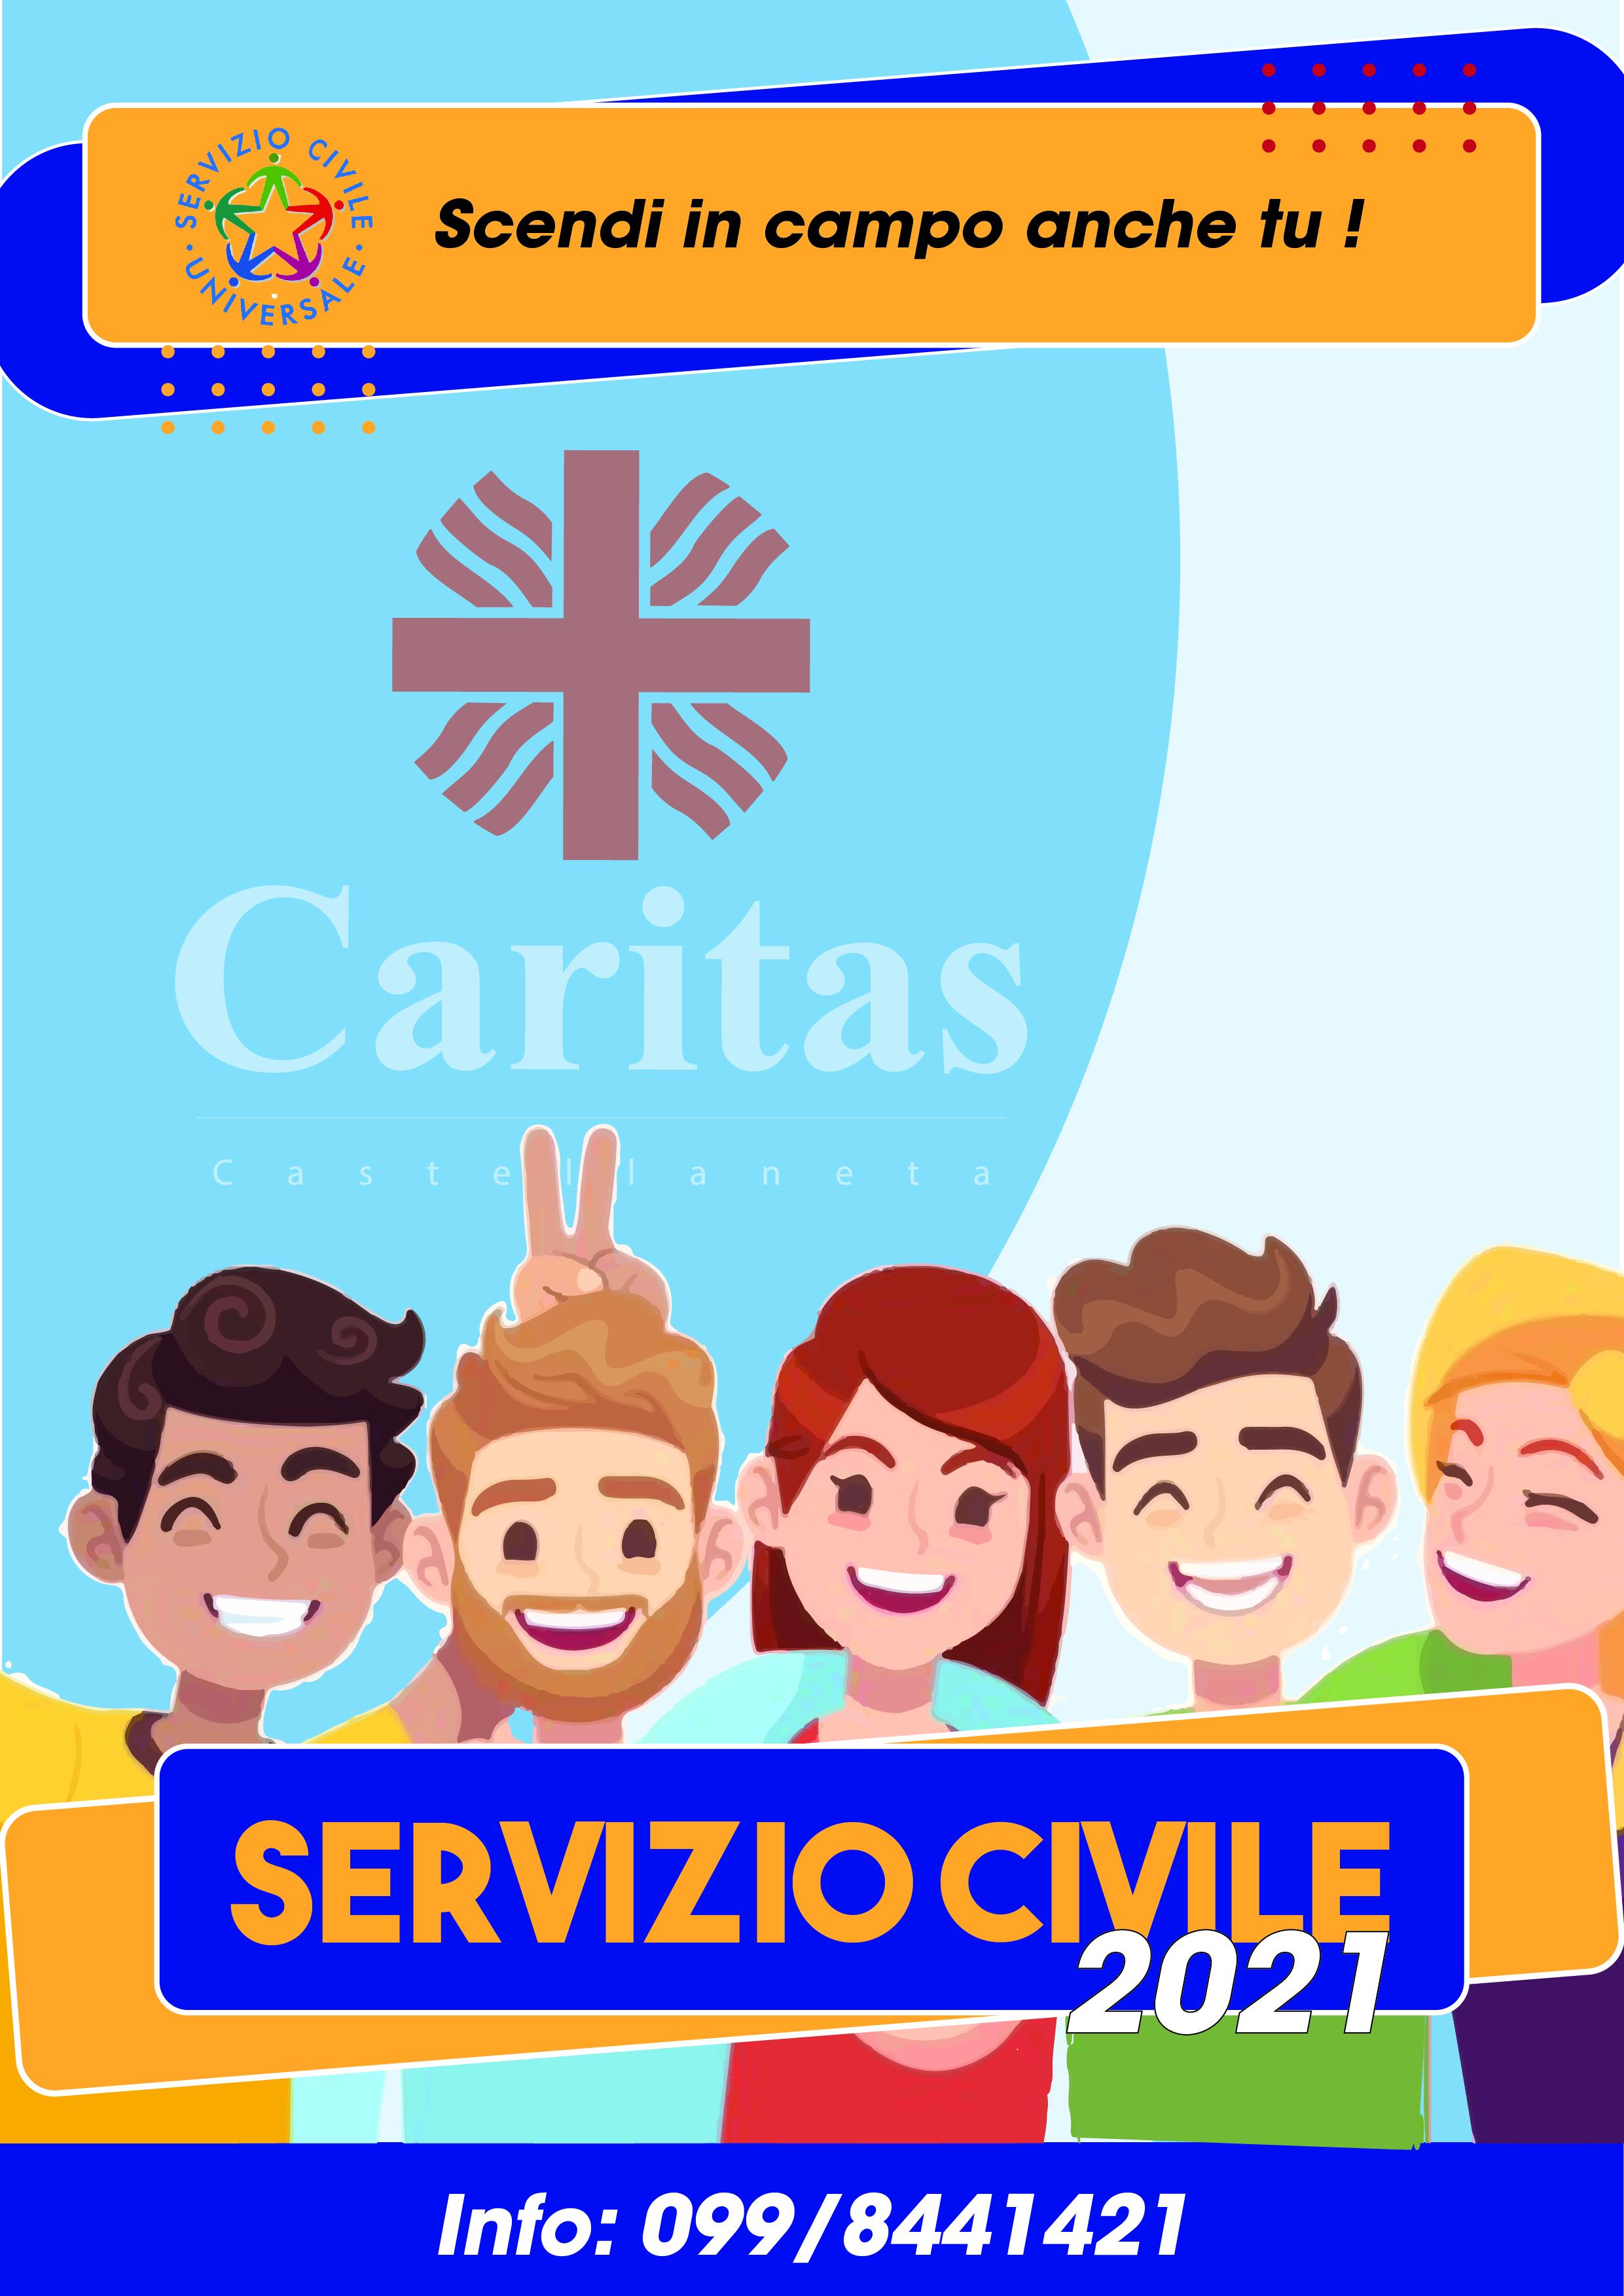 servizio-civile-2021_tavola-disegno-1